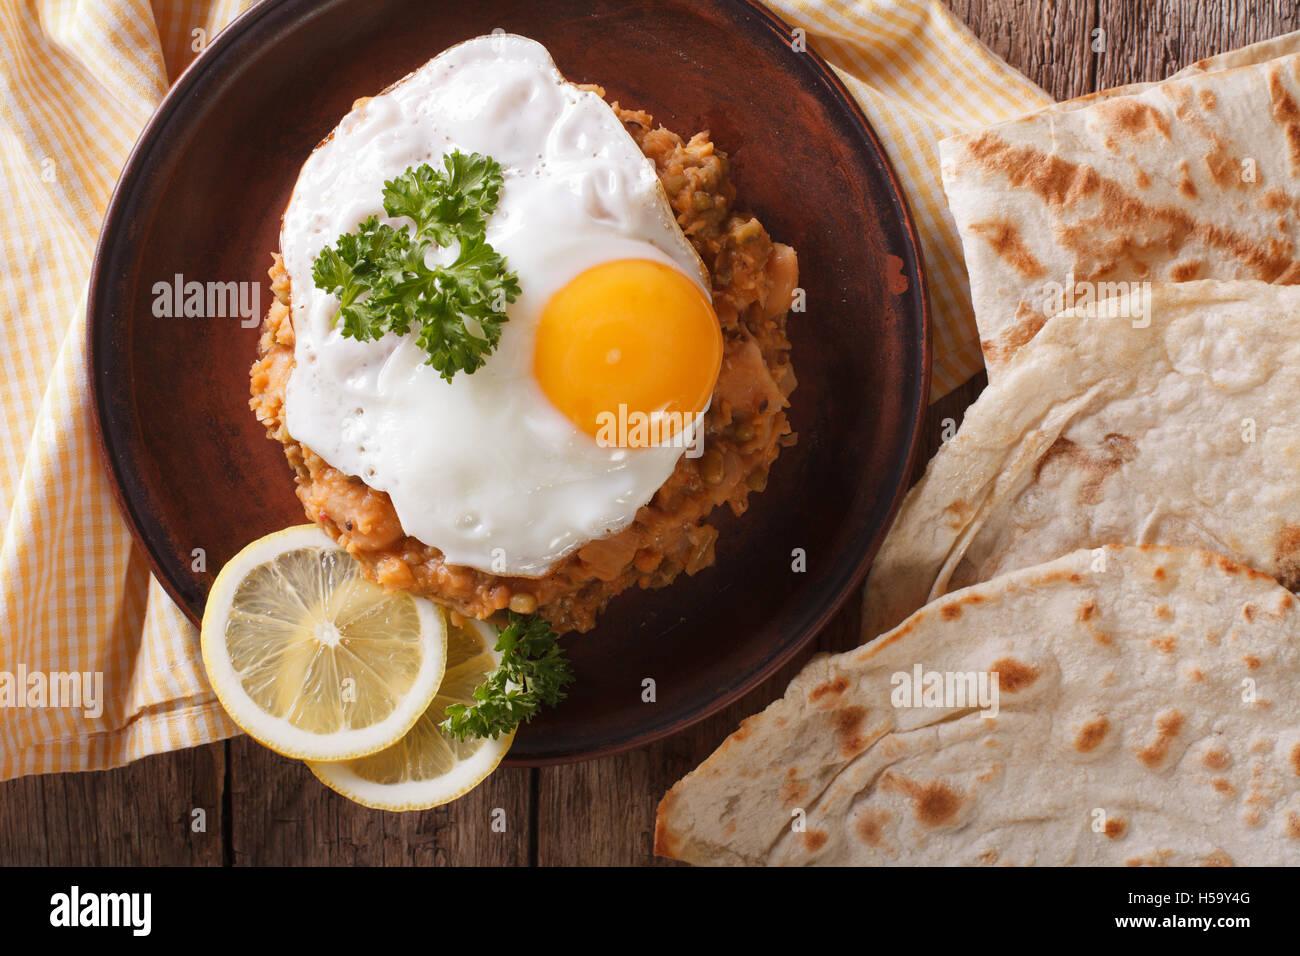 Ful Medames mit gebratenem Ei und Brot Nahaufnahme auf dem Tisch. Horizontale Ansicht von oben Stockbild